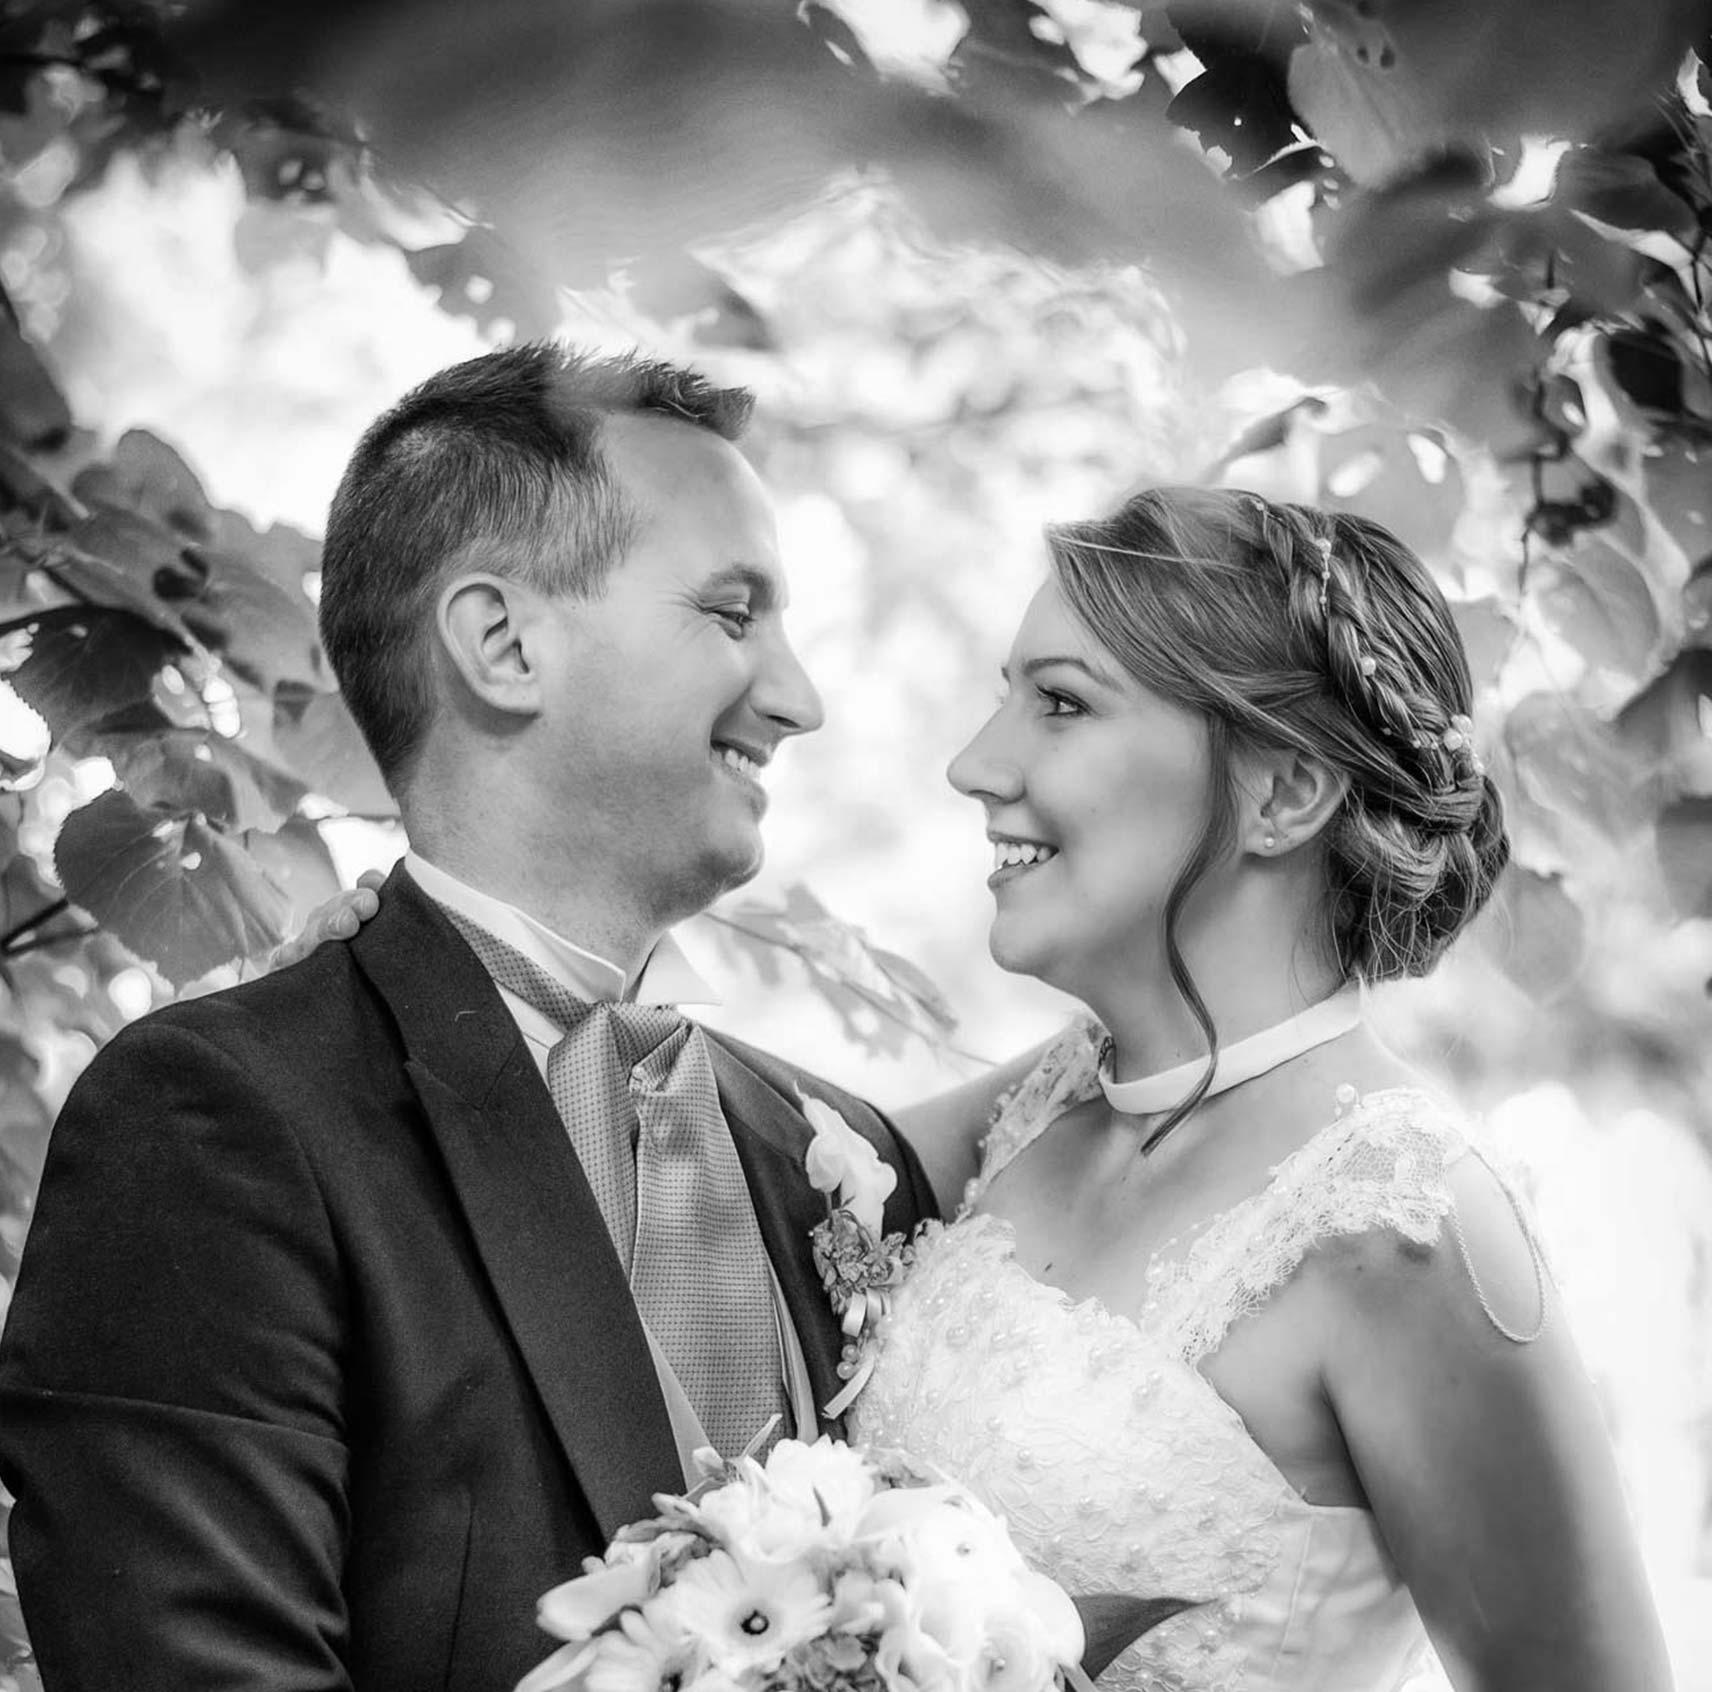 True-Creative-Agency-Hochzeitsfotografie-6-1